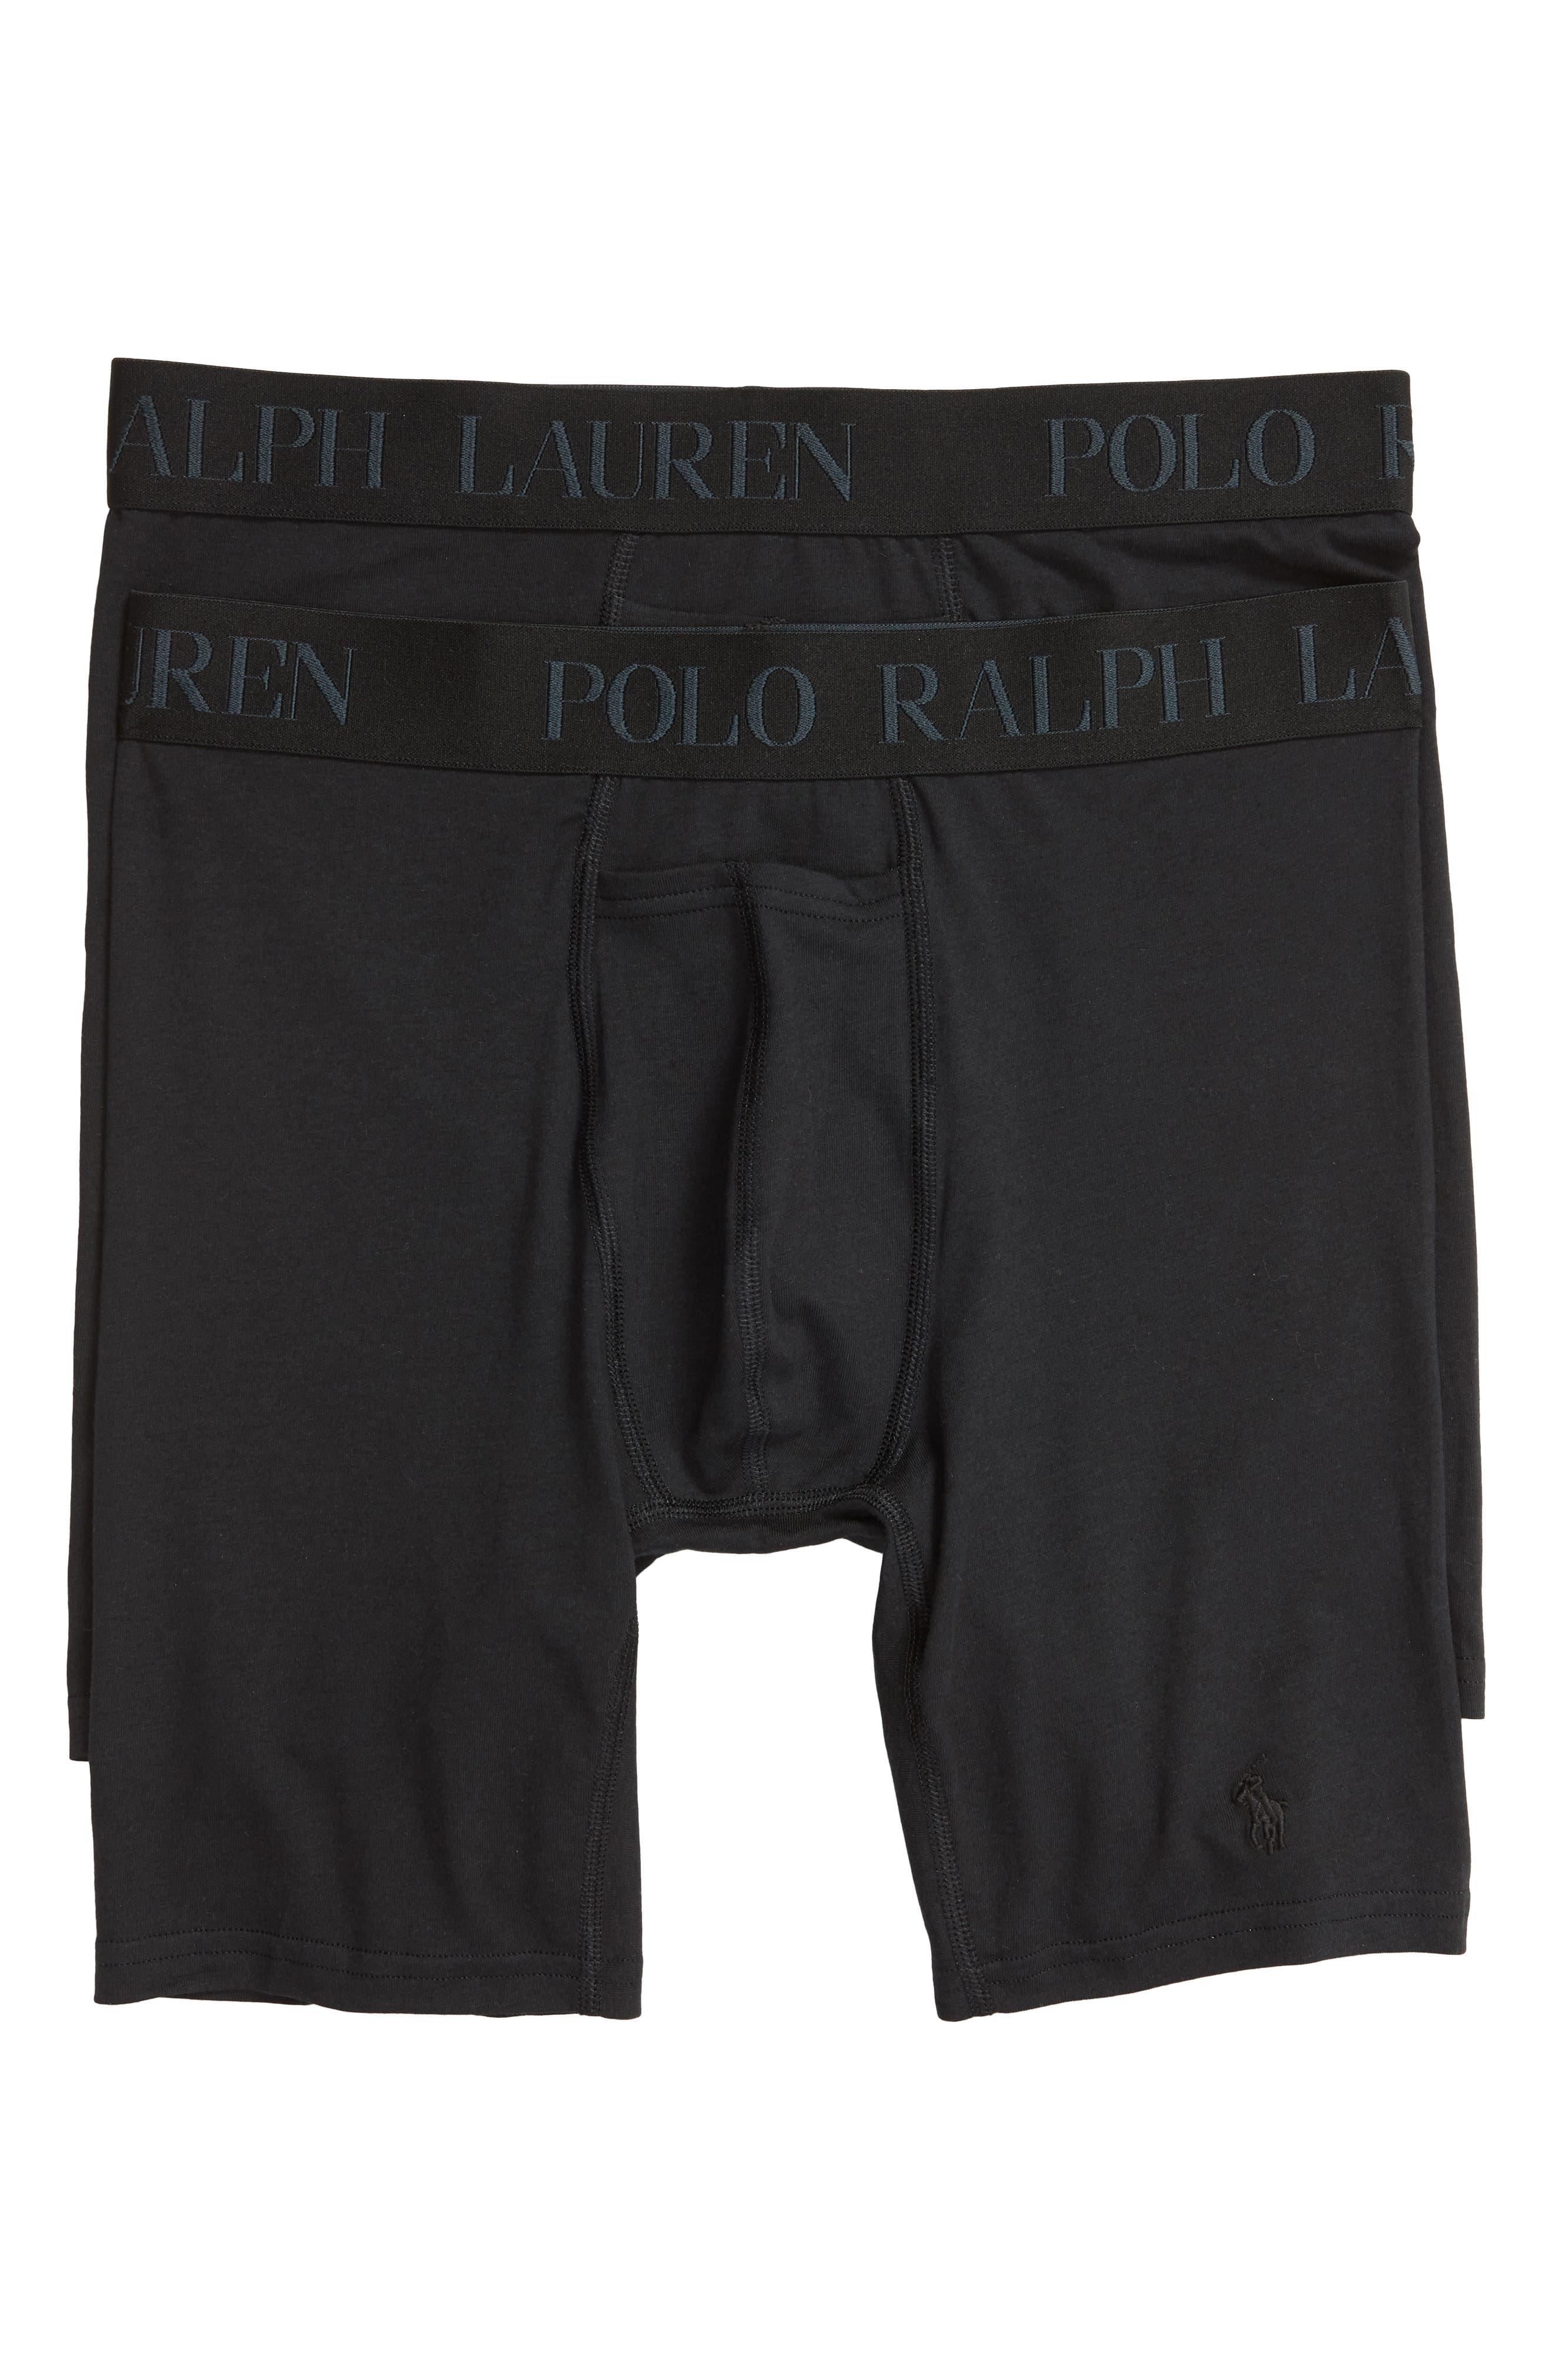 POLO RALPH LAUREN,                             2-Pack Cotton & Modal Boxer Briefs,                             Main thumbnail 1, color,                             001